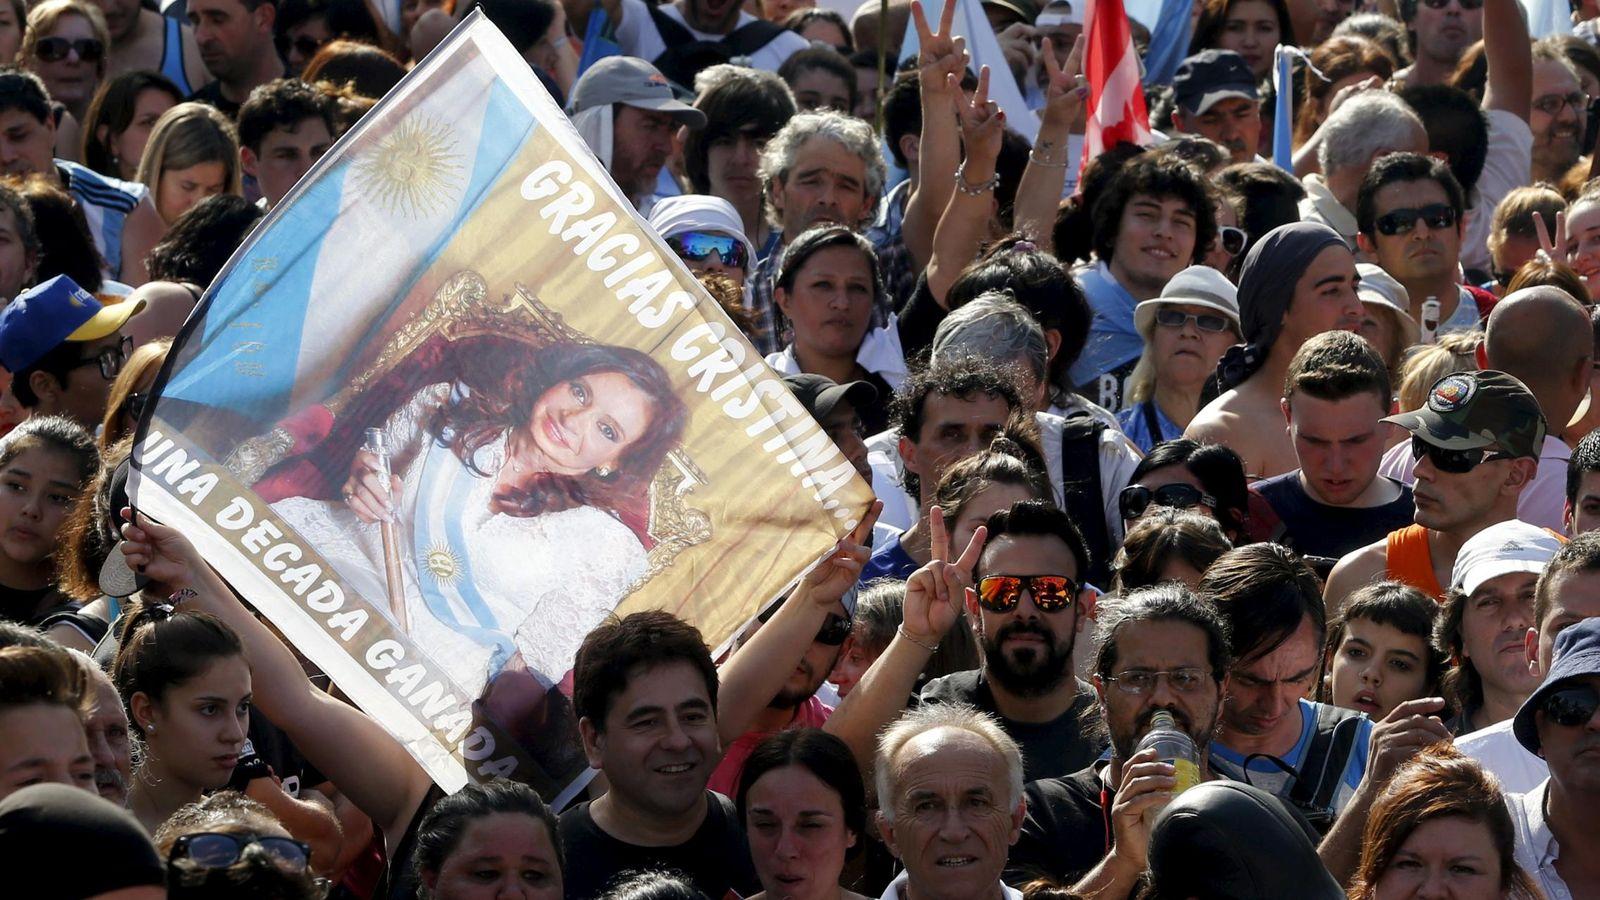 Mi Argentina: Noticias De Argentina: No Llores Por Mí, Argentina